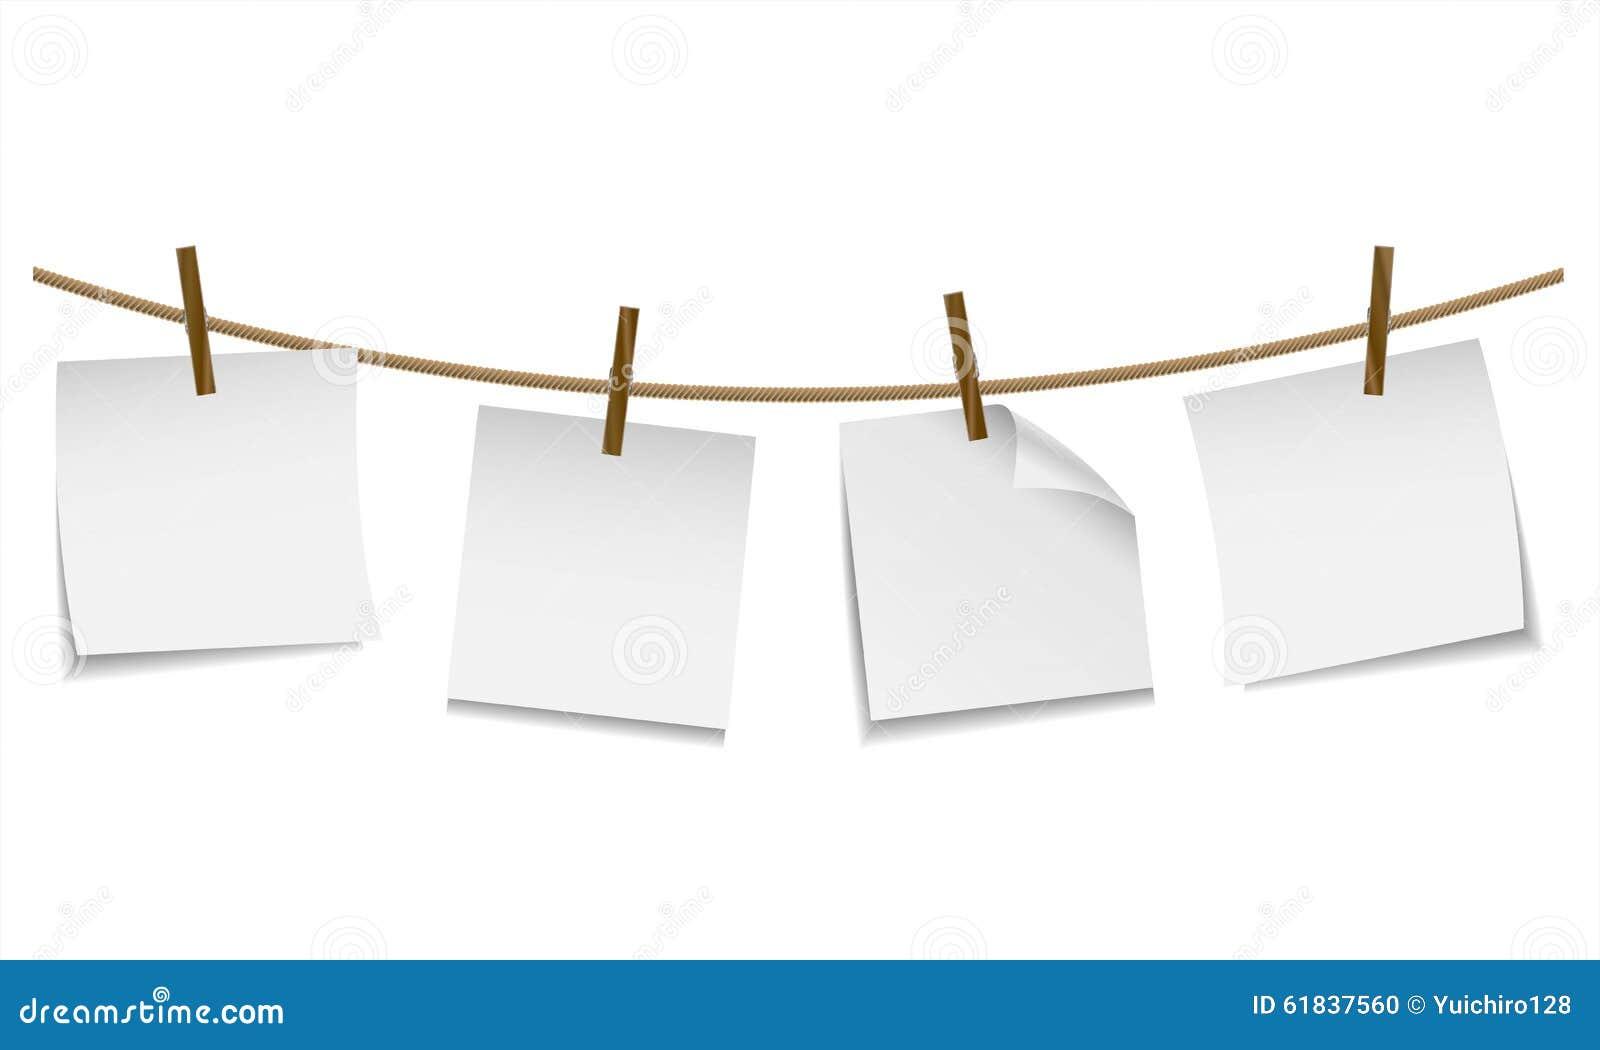 La pose de papier peint blanche vide sur la corde linge - Cadre photo avec pince linge ...